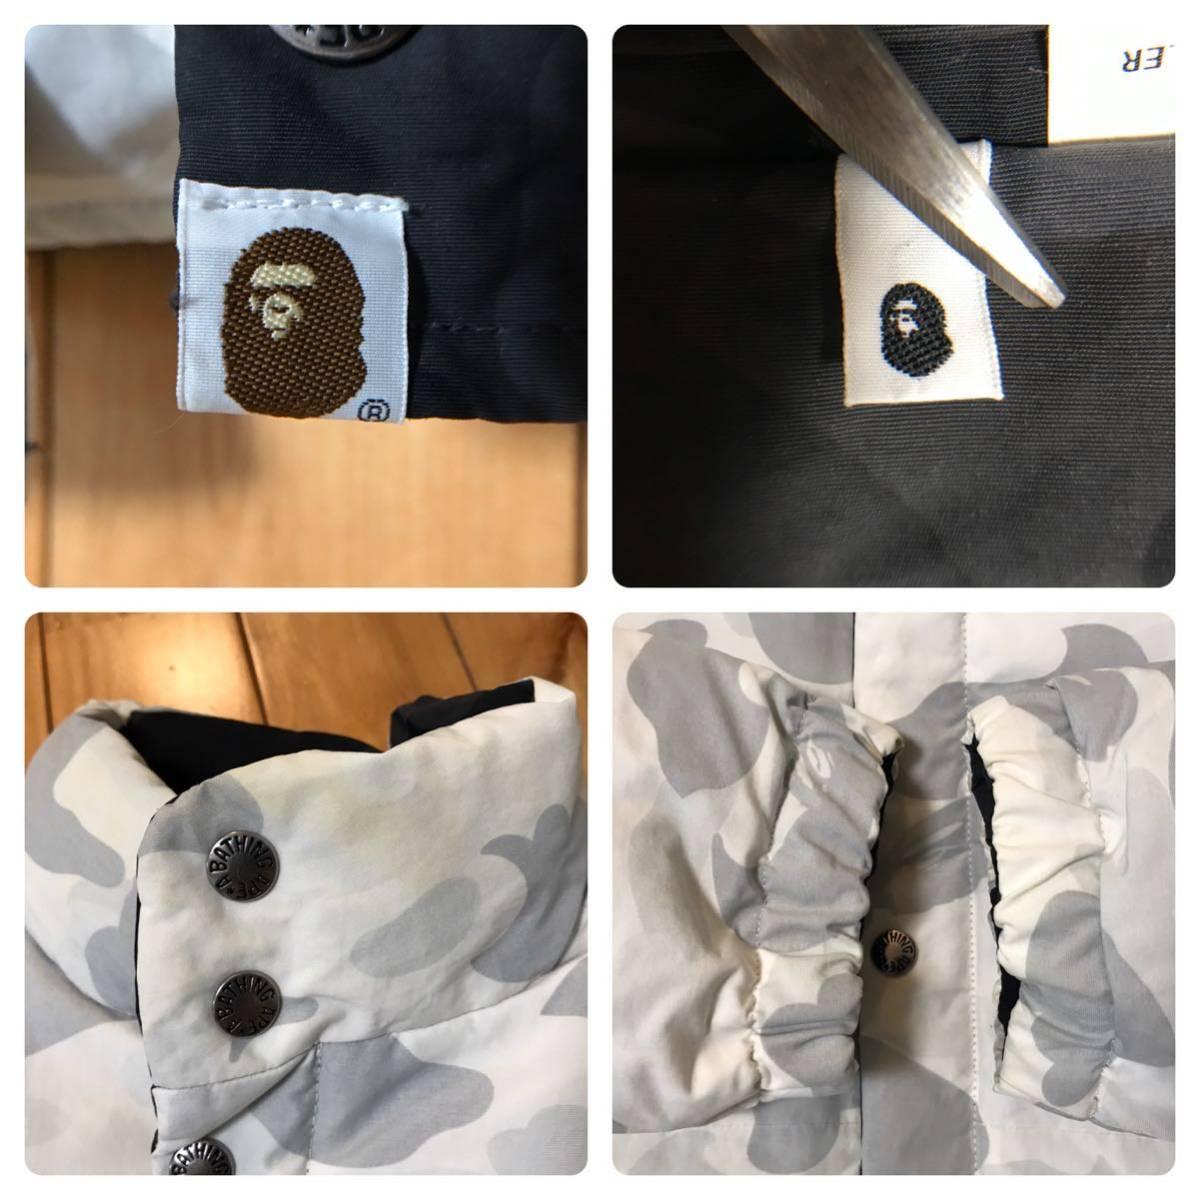 ★リバーシブル★ ダウンジャケット black camo × white camo Mサイズ a bathing ape bape エイプ ベイプ reversible down jacket 迷彩